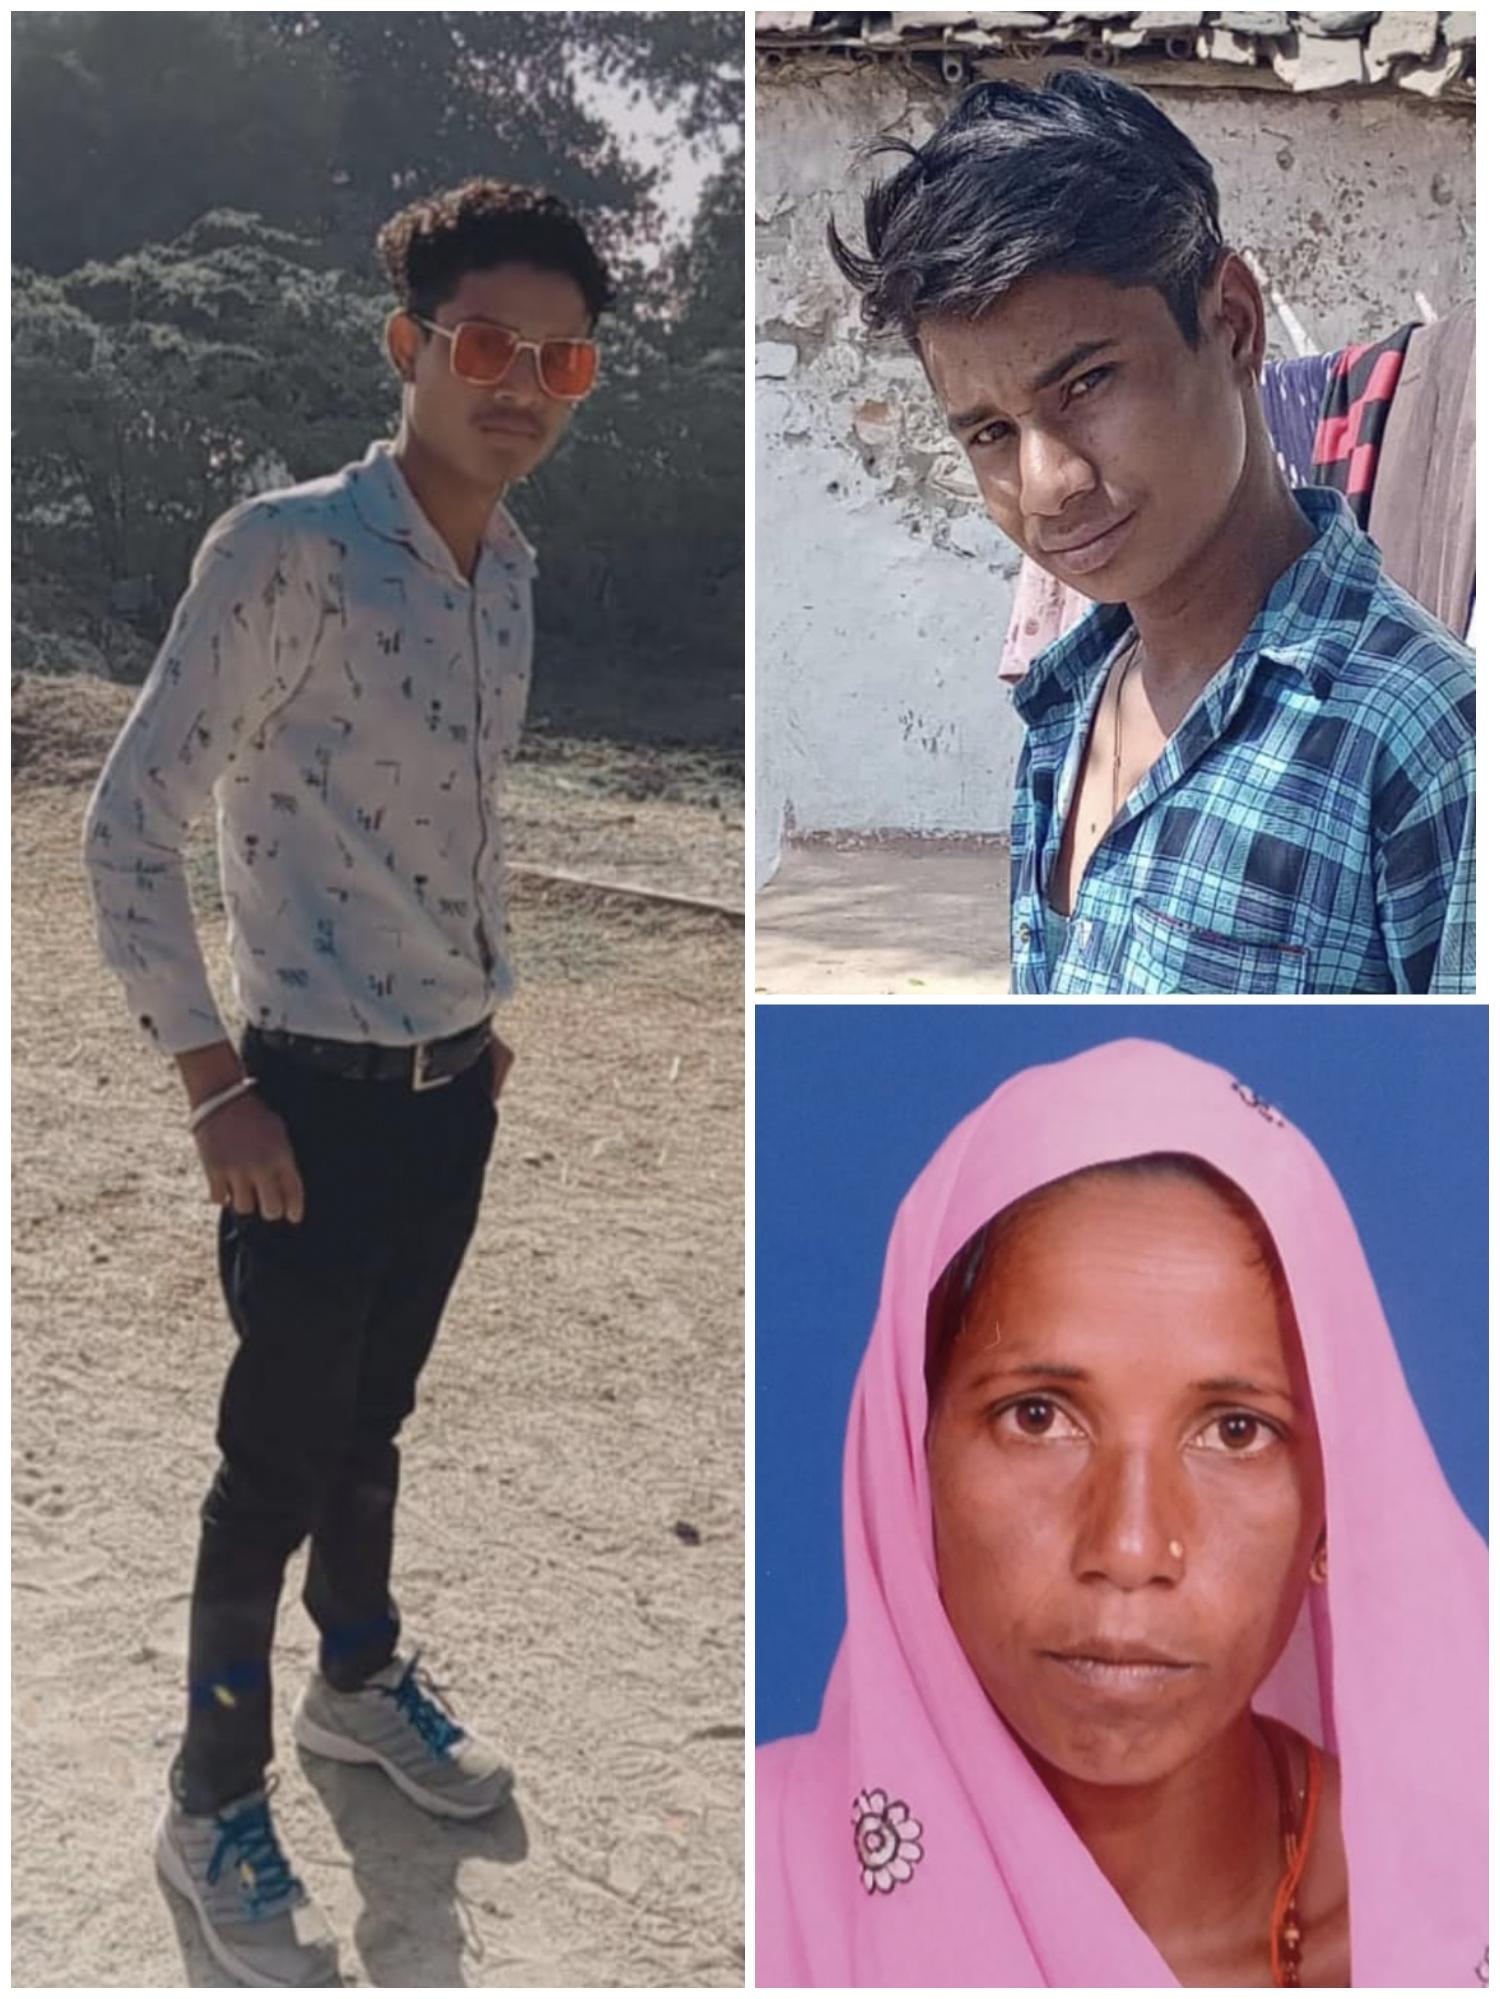 एक भाई की डूबने से दूसरे की सीने में दर्द से मौत के बाद महिला ने सांस में तकलीफ से तोड़ा दम; परिवार सदमे में|टोंक,Tonk - Dainik Bhaskar